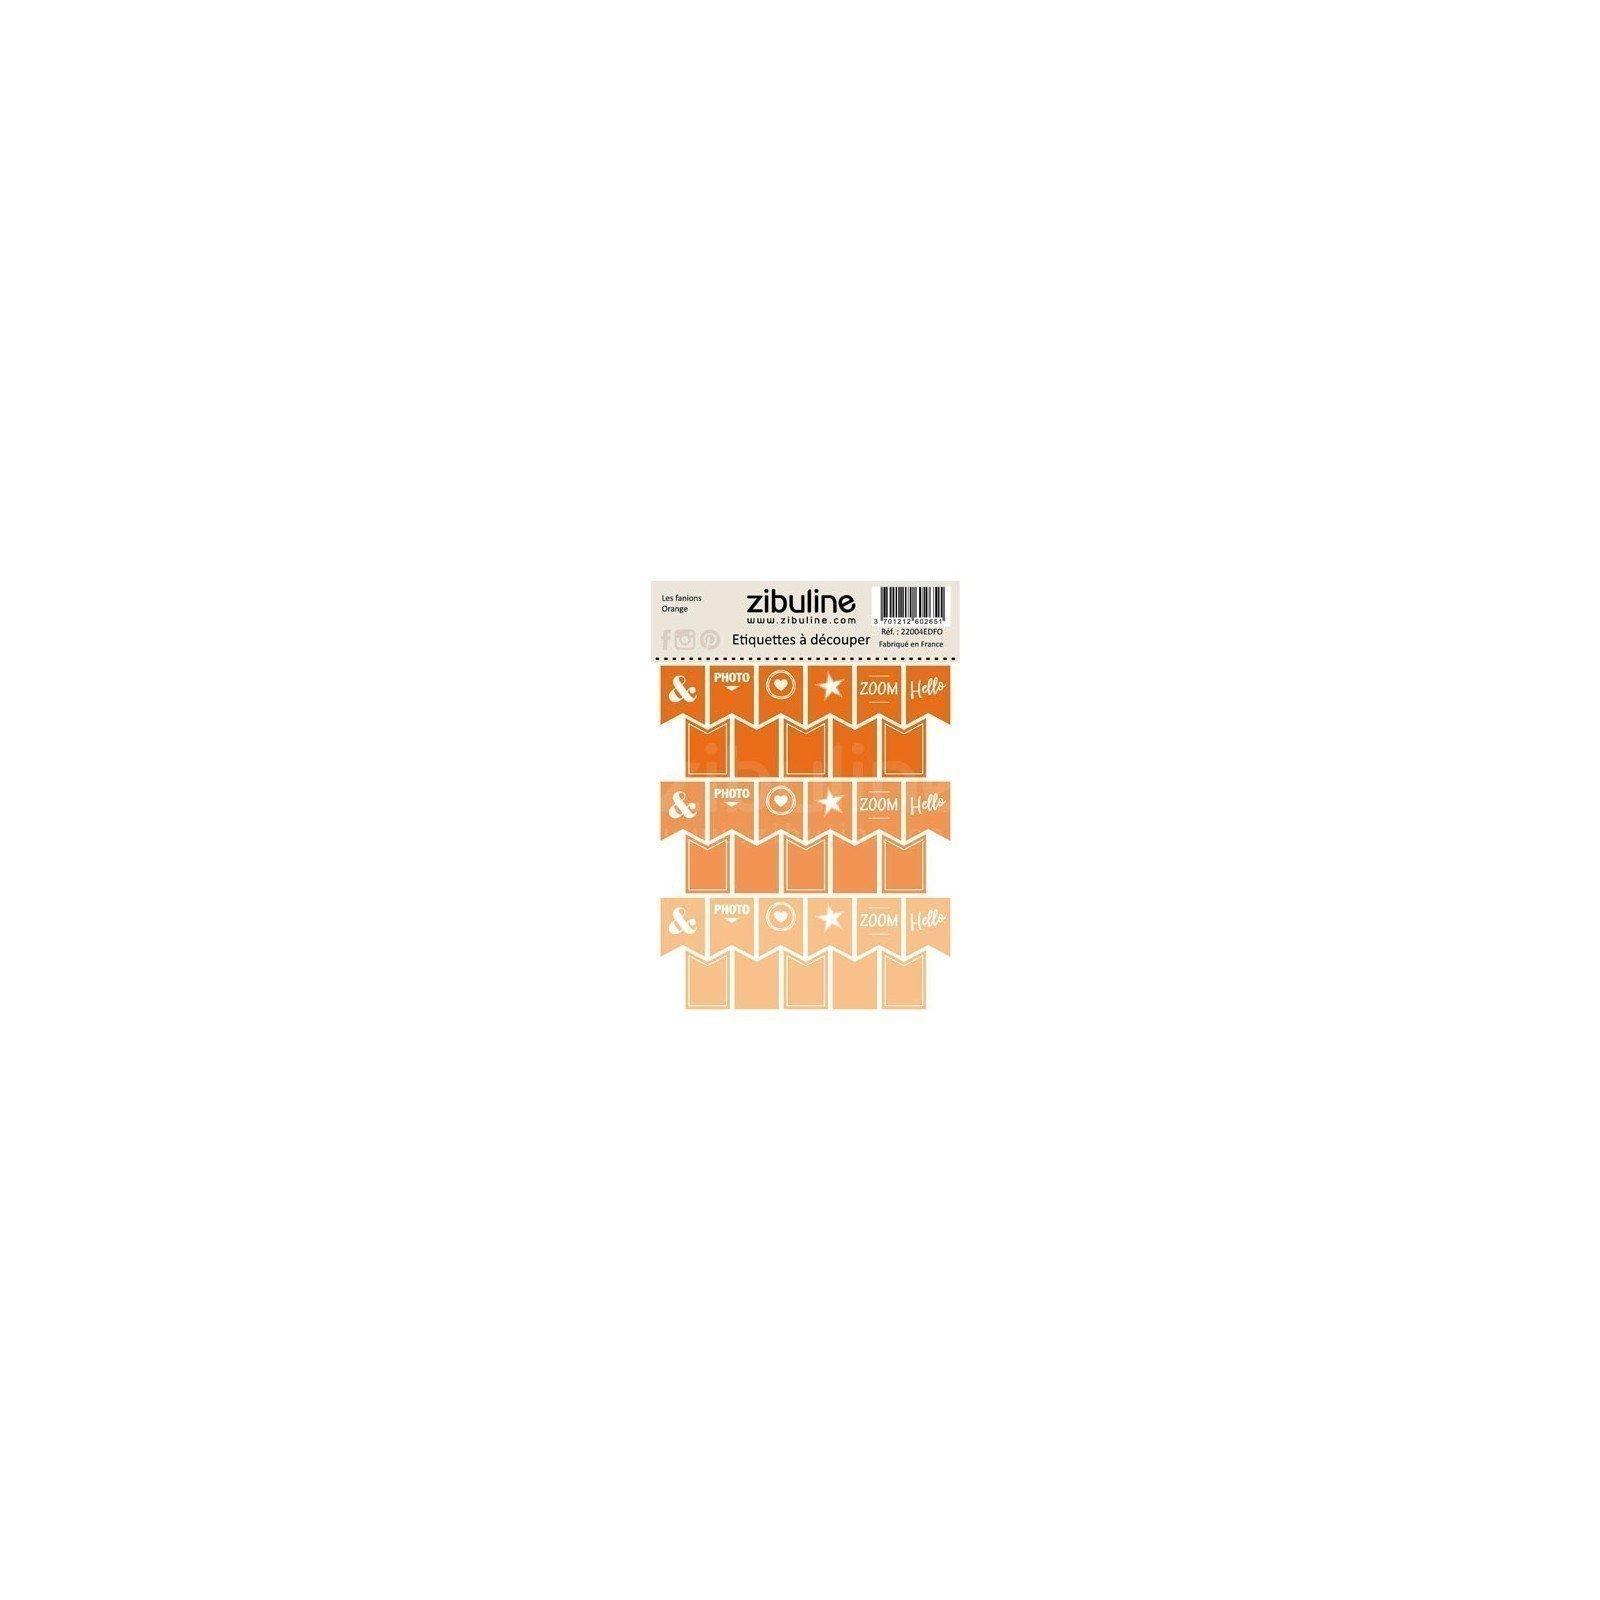 Planche d'étiquettes à découper - Les fanions - Orange - Zibuline